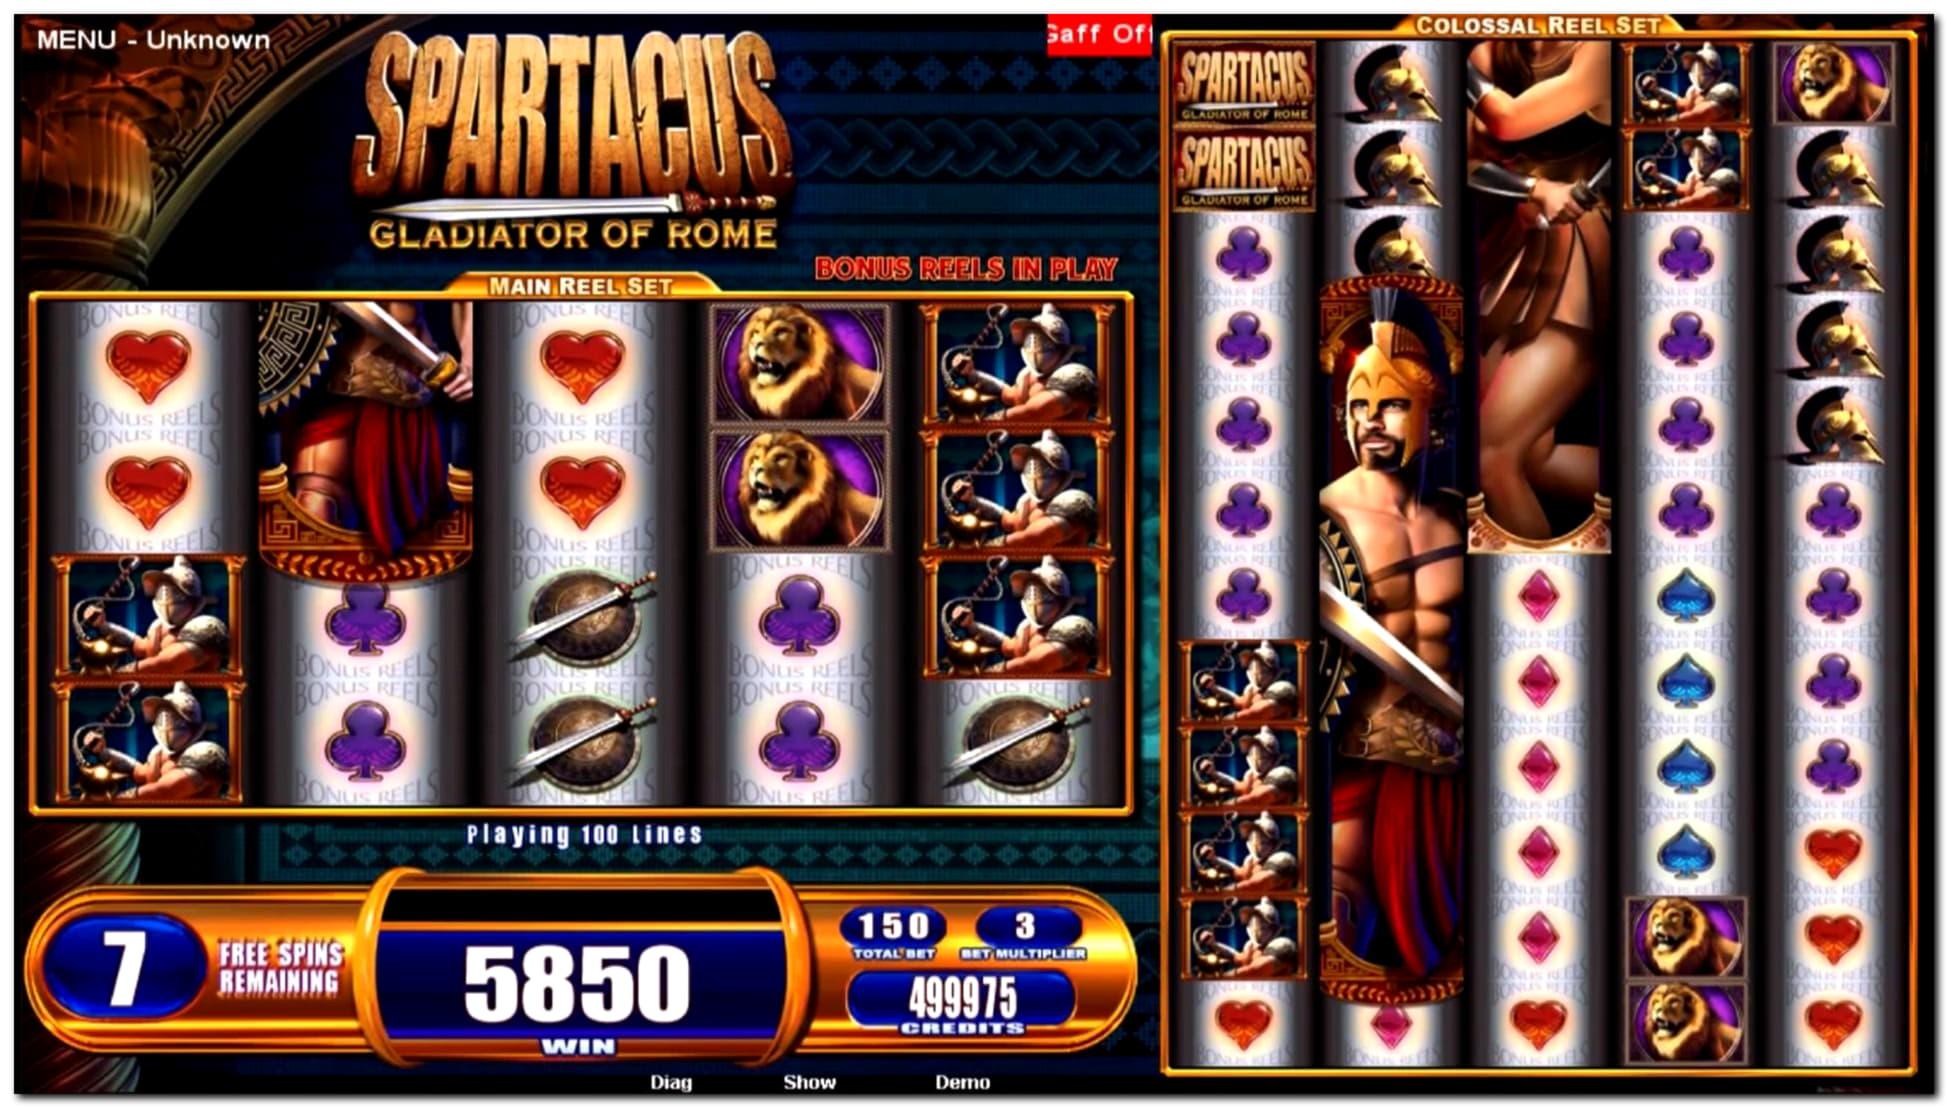 EUR 150 Nessun deposito su Party Casino